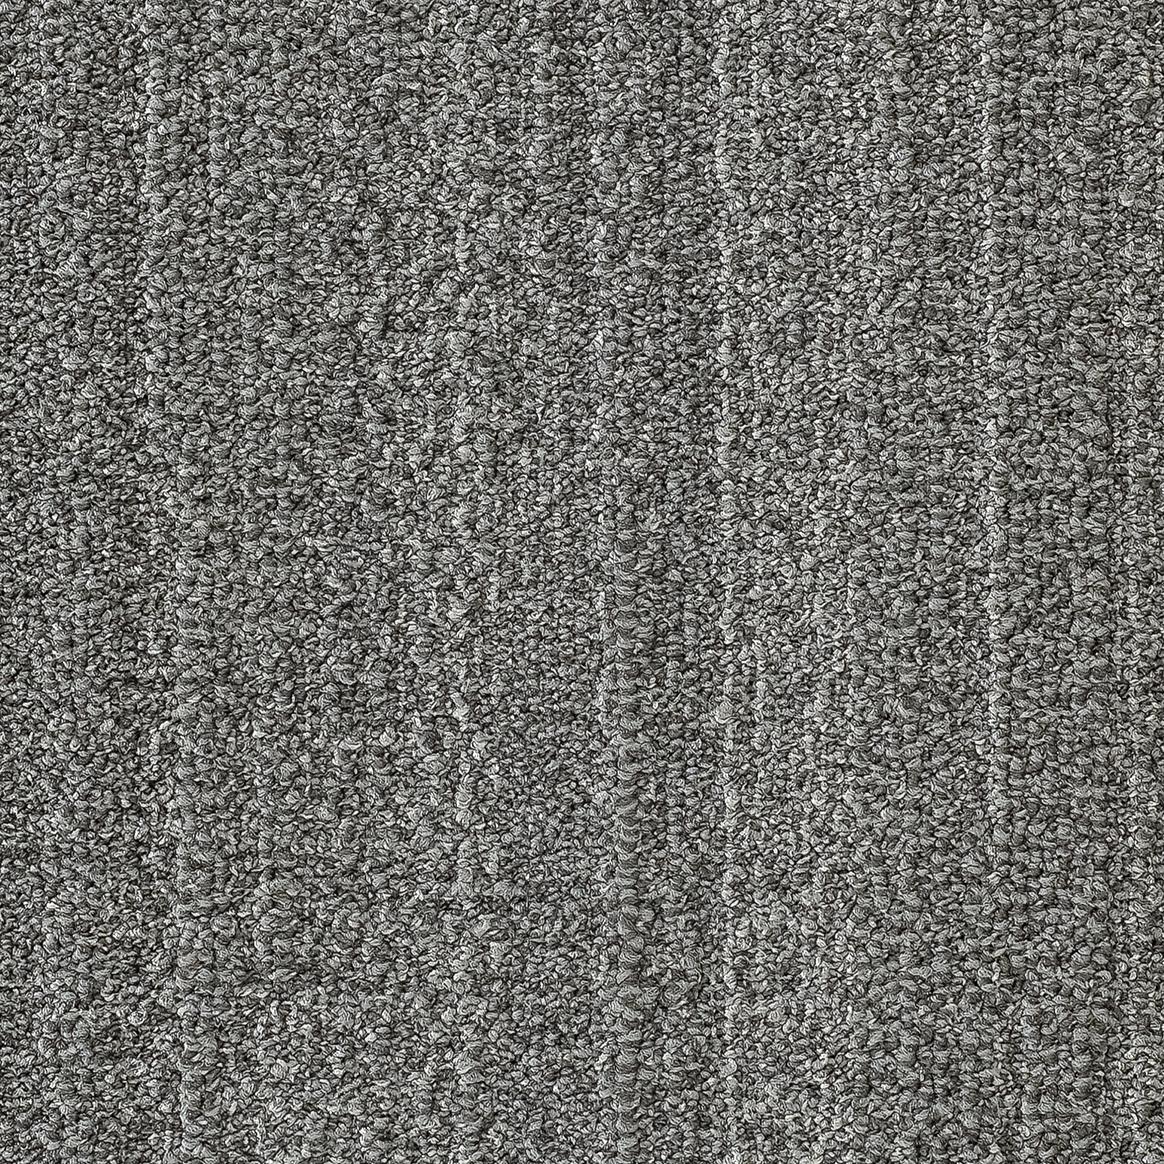 Row tile